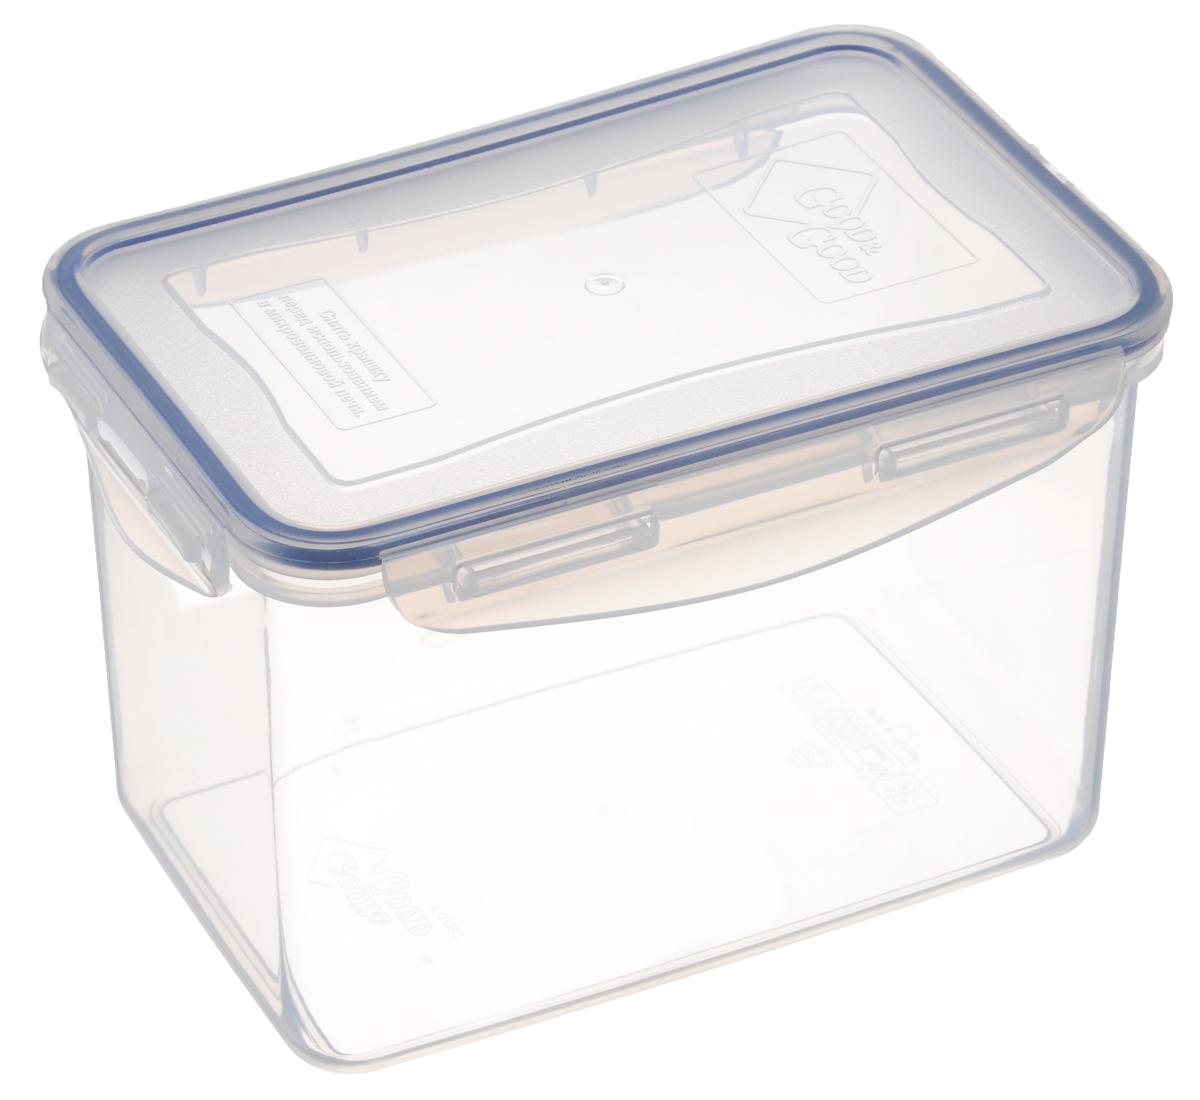 Контейнер для пищевых продуктов Good&Good, цвет: полупрозрачный, синий, 2,2 л. 3-3VT-1520(SR)Контейнер Good&Good, изготовленный из высококачественного полипропилена, предназначен для хранения любых пищевых продуктов. Крышка с силиконовой вставкой герметично защелкивается специальным механизмом. Изделие устойчиво к воздействию масел и жиров, легко моется. Полупрозрачные стенки позволяют видеть содержимое. Контейнер имеет возможность хранения продуктов глубокой заморозки, обладает высокой прочностью. Контейнер Good&Good удобен для ежедневного использования в быту.Можно мыть в посудомоечной машине и использовать в холодильнике и микроволновой печи.Размер контейнера (с учетом крышки): 20 х 13,5 х 13 см.